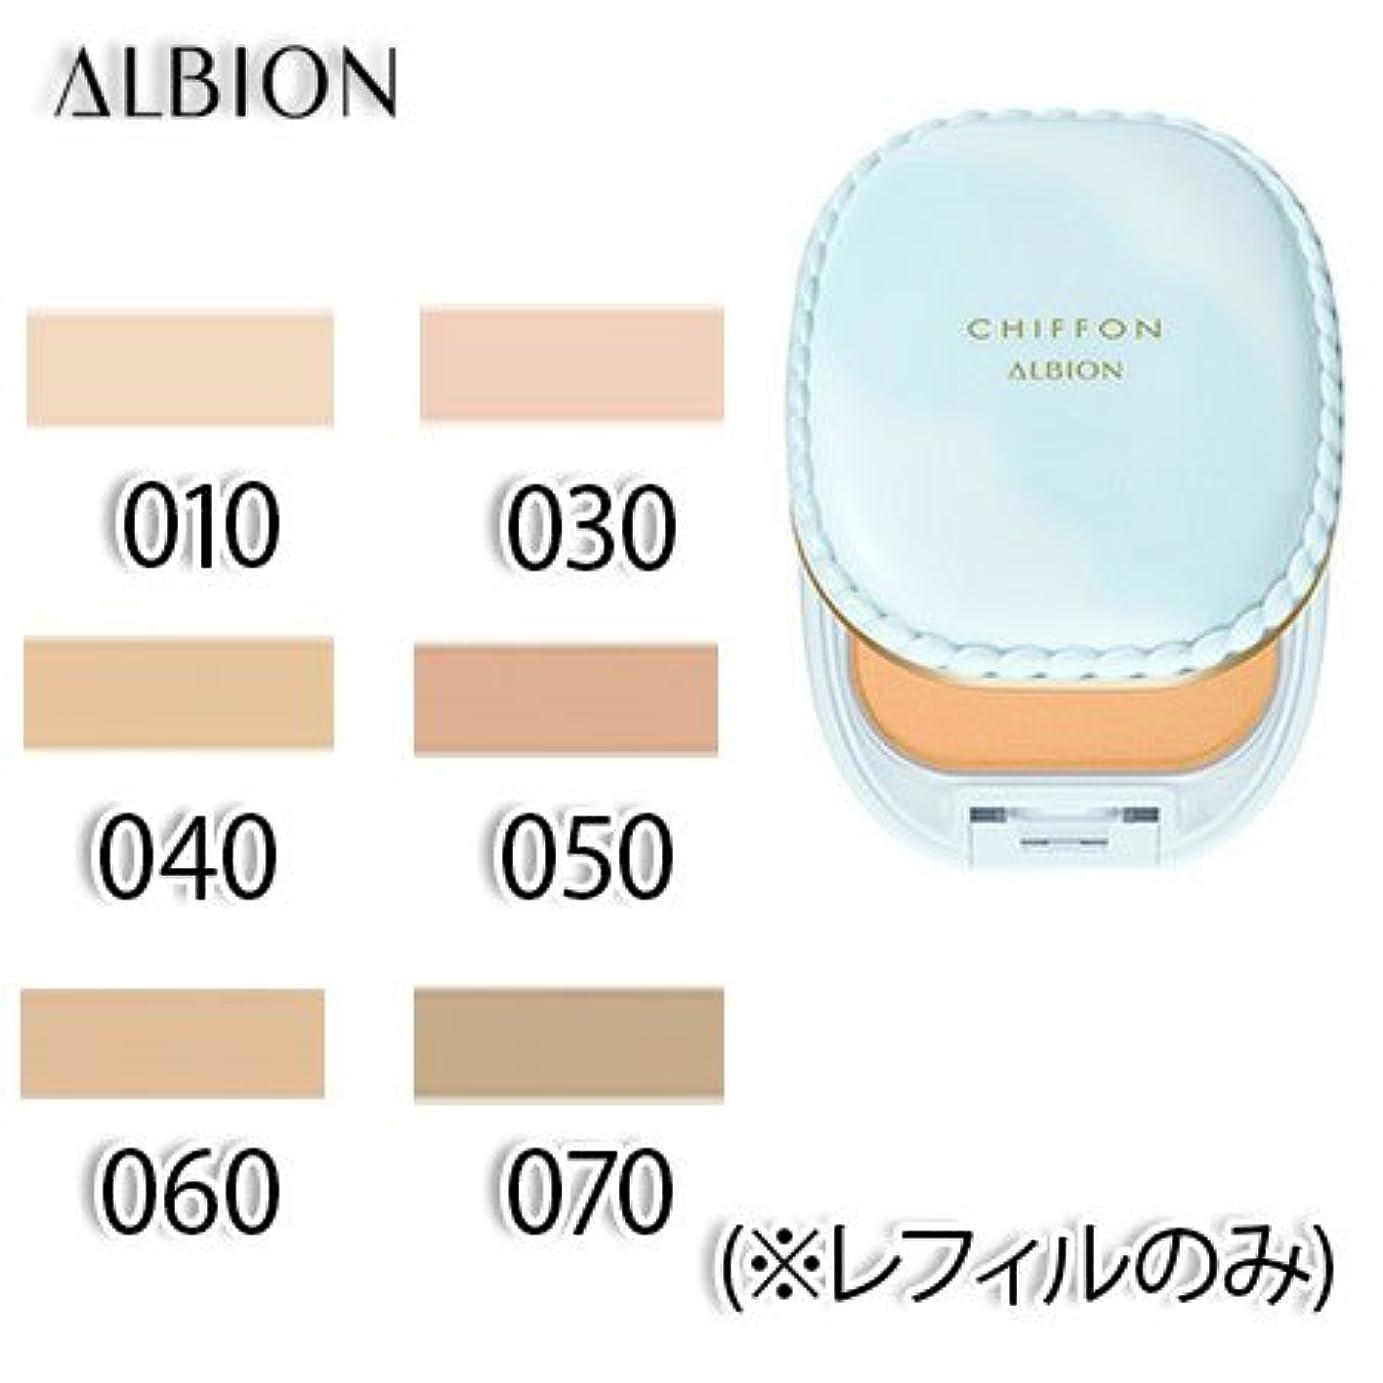 特権的しょっぱい非アクティブアルビオン スノー ホワイト シフォン 全6色 SPF25?PA++ 10g (レフィルのみ) -ALBION- 030